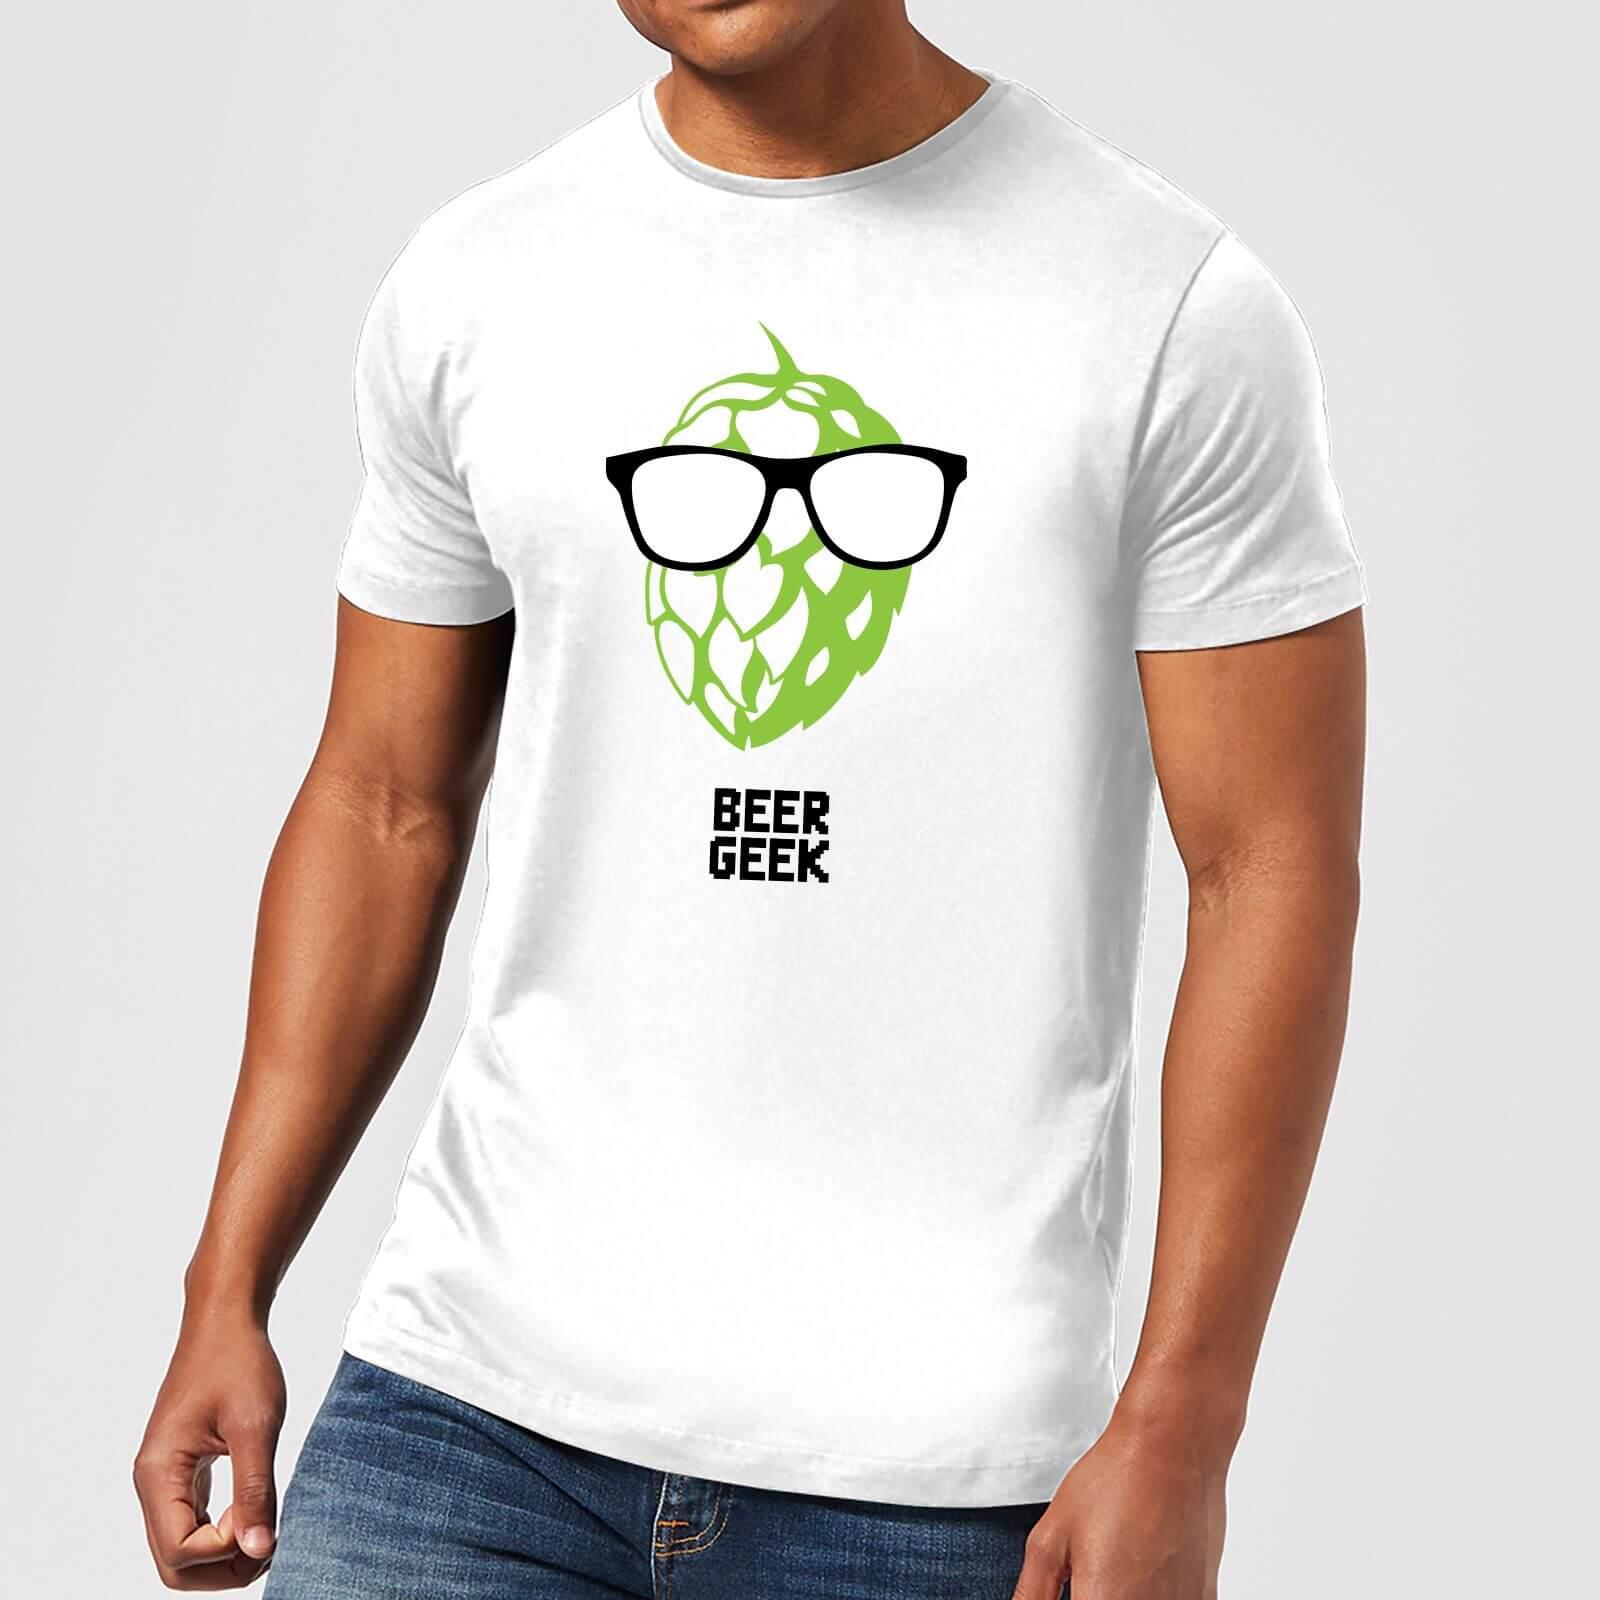 Beershield Beer Geek Men's T-Shirt - XL - White